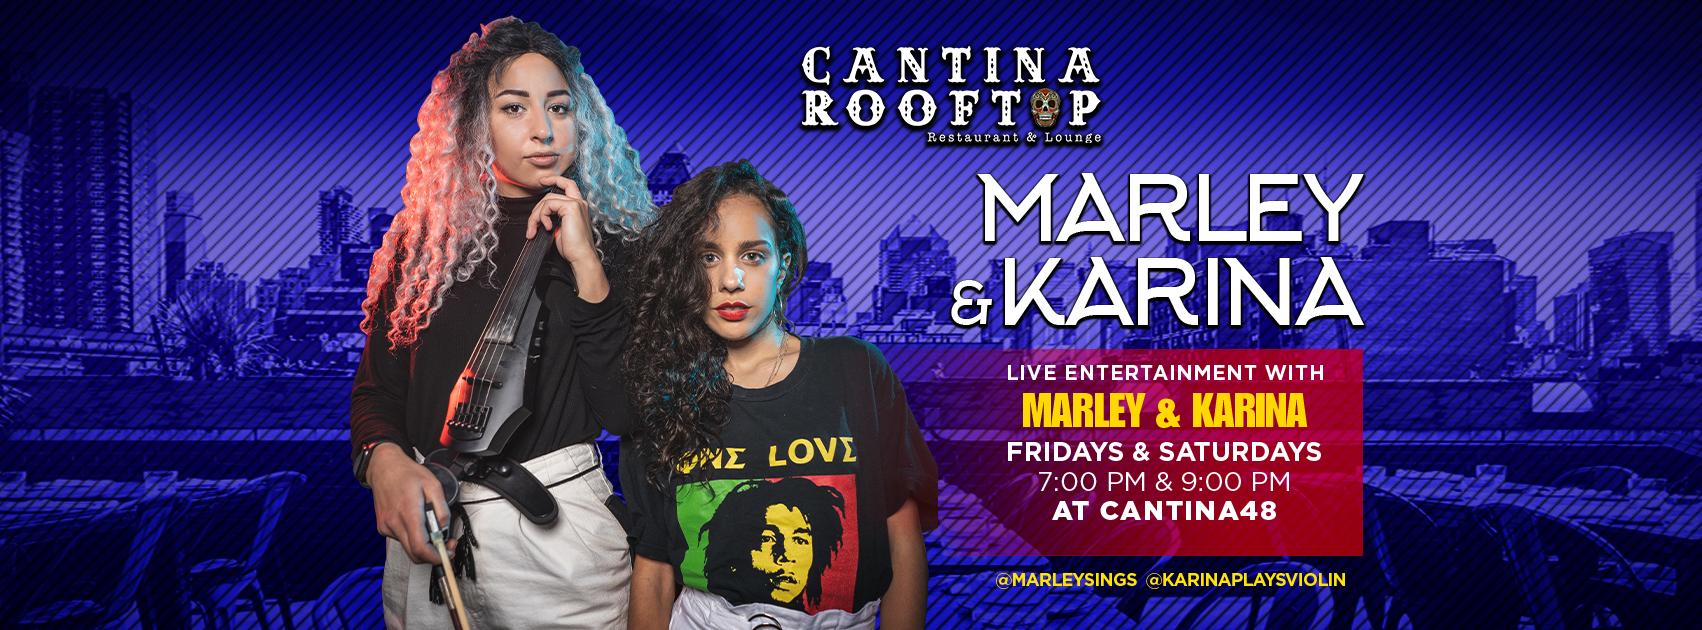 MARLEY-&-KARINA-COVER